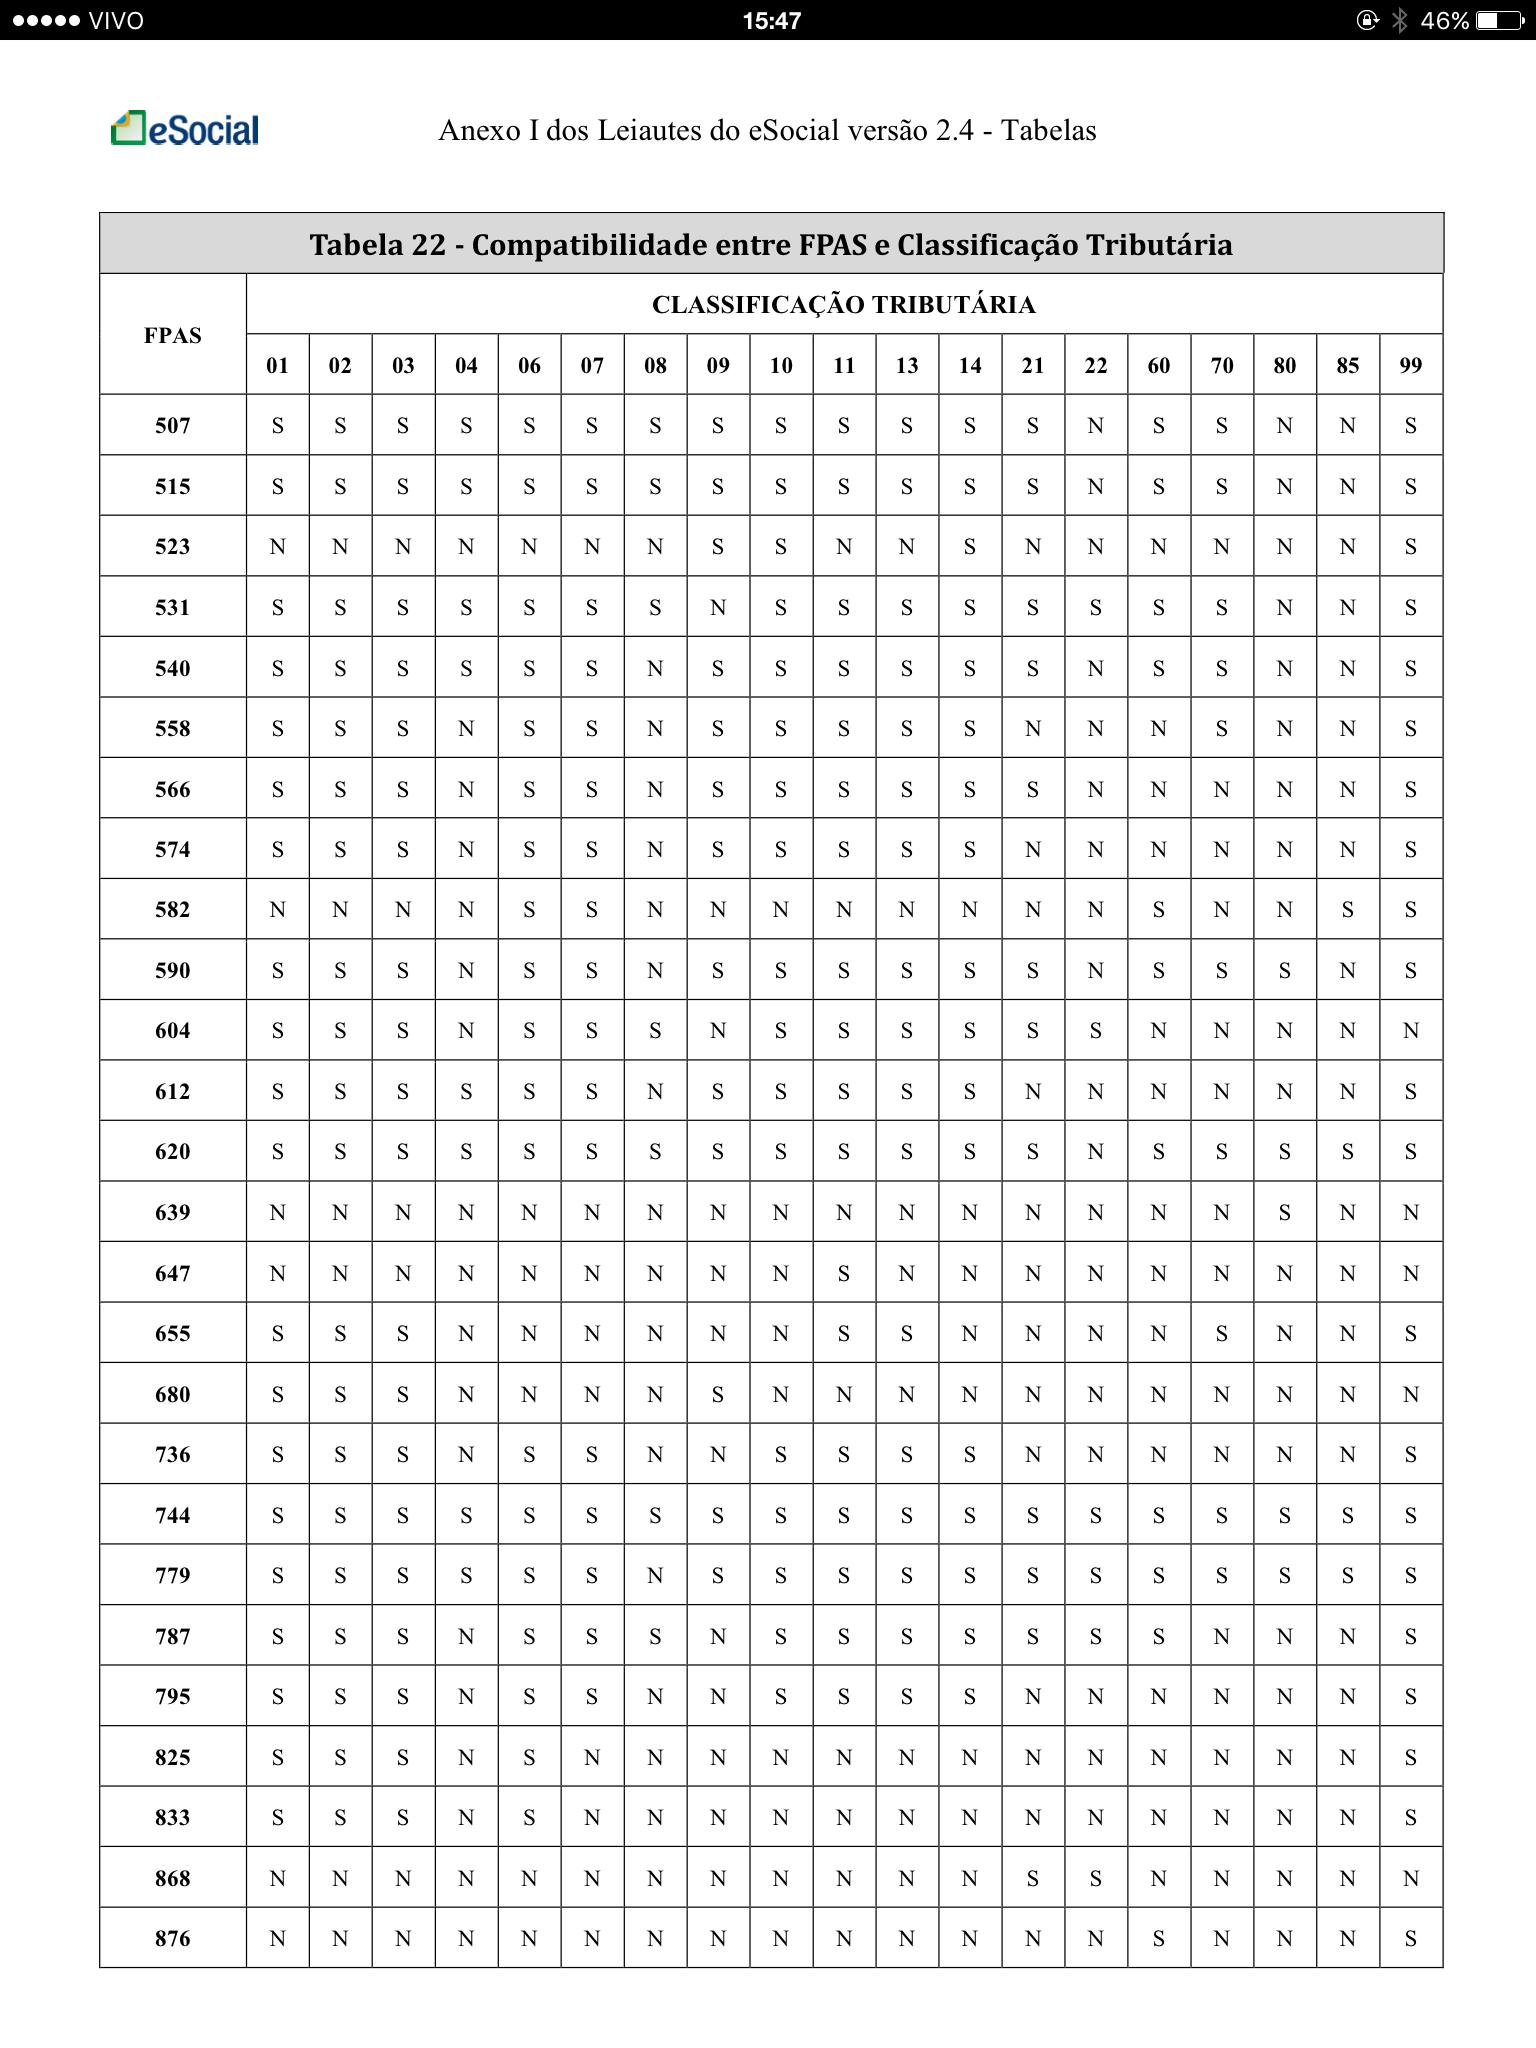 Tabela 22 - Compatibilidade entre FPAS e Classificação Tributária